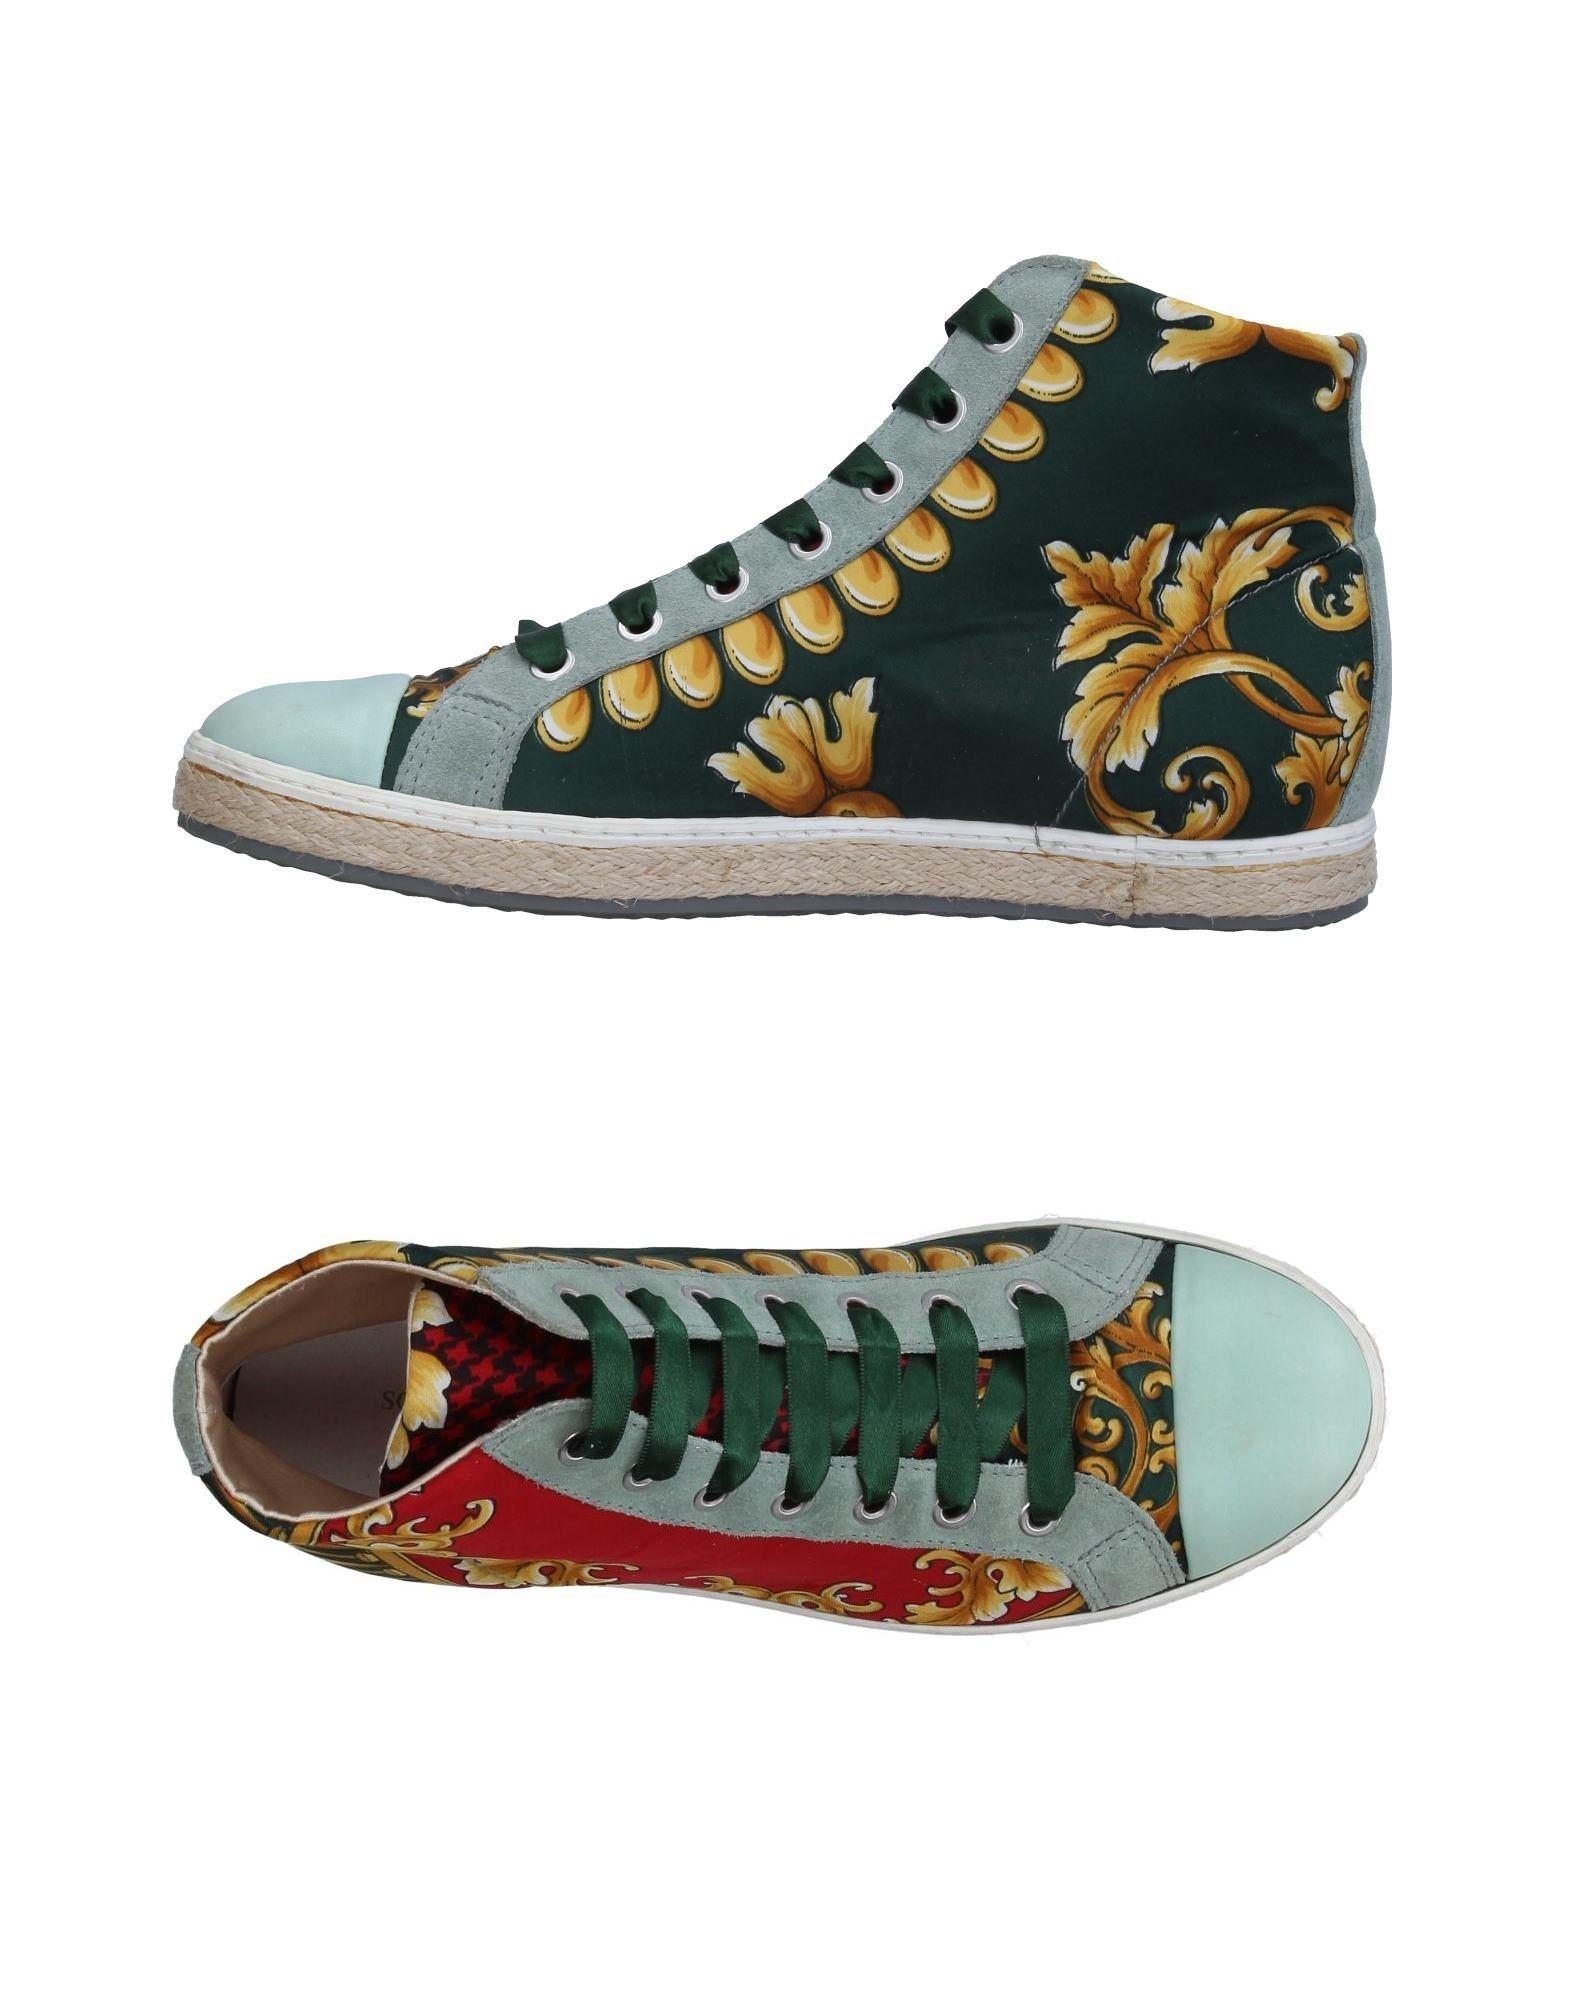 SOISIRE SOIEBLEU Damen High Sneakers & Tennisschuhe Farbe Grün Größe 9